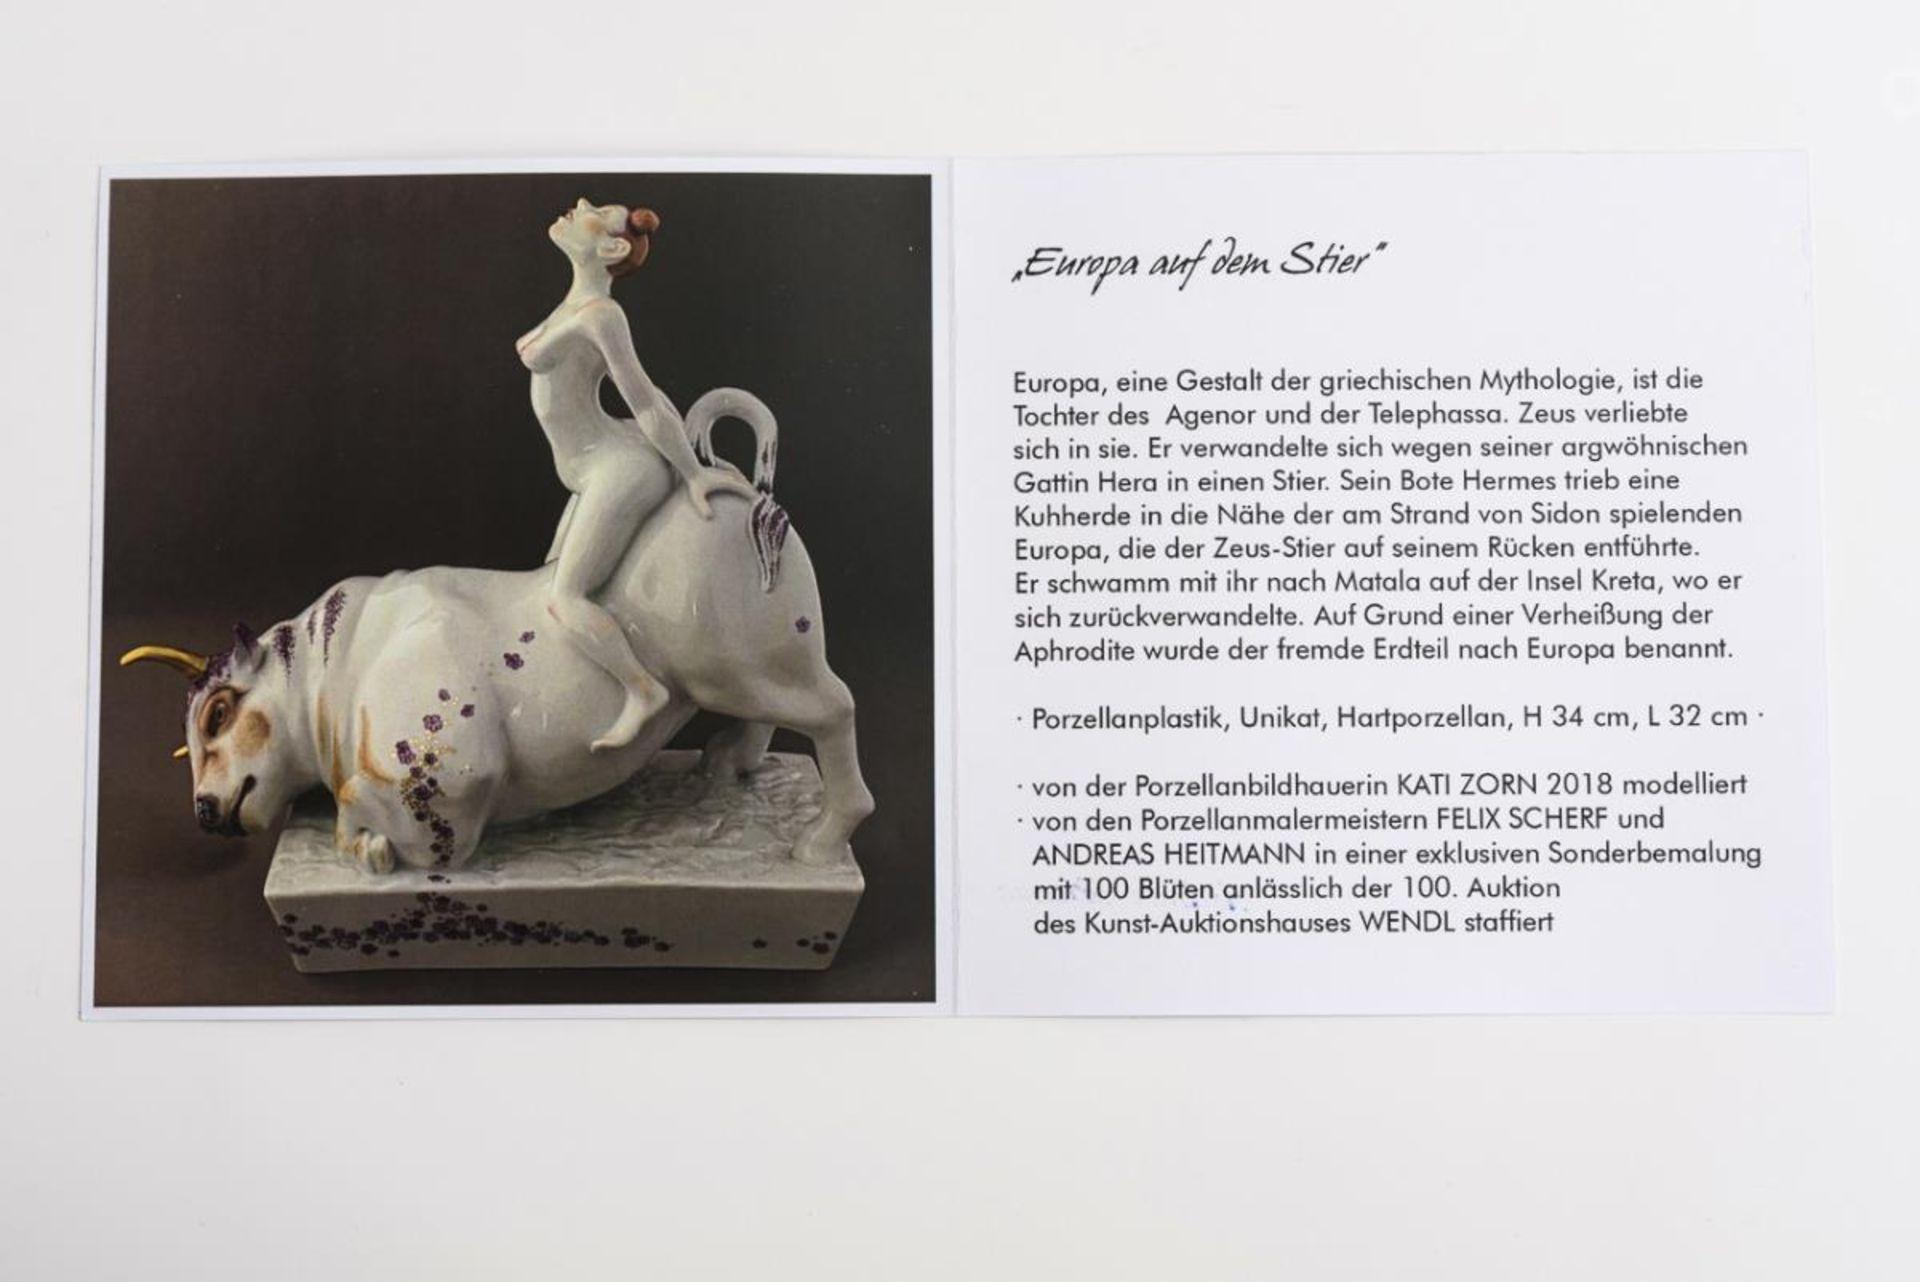 """""""Europa auf dem Stier"""" mit 100 Blüten - Image 11 of 14"""